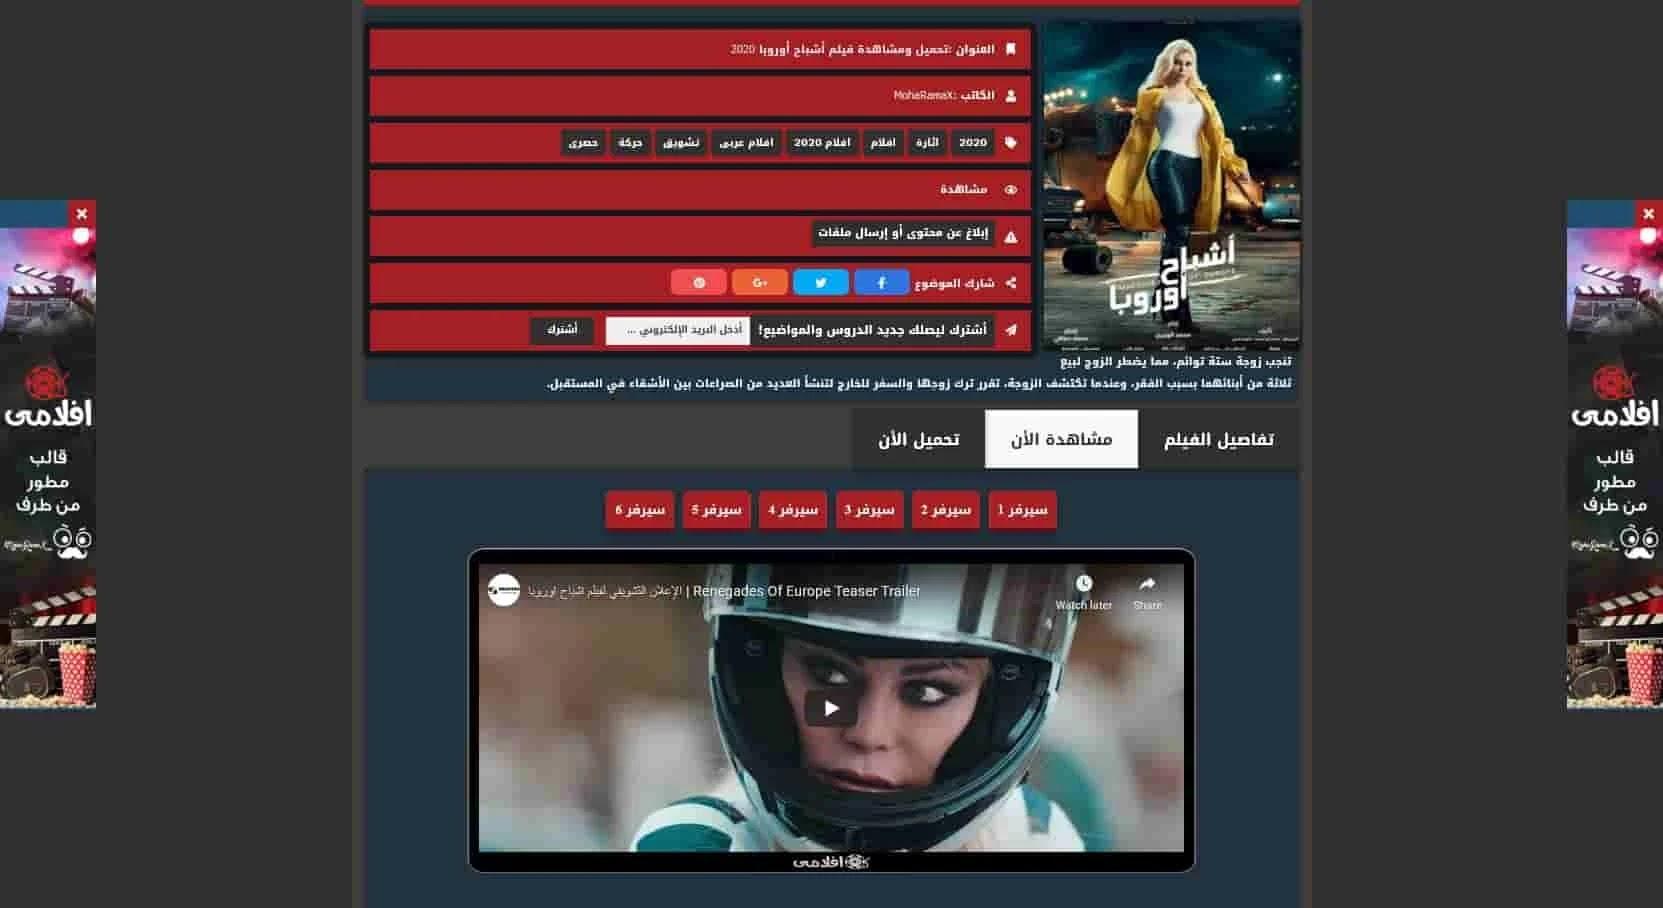 واجهة صفحة سيرفرات المشاهدة